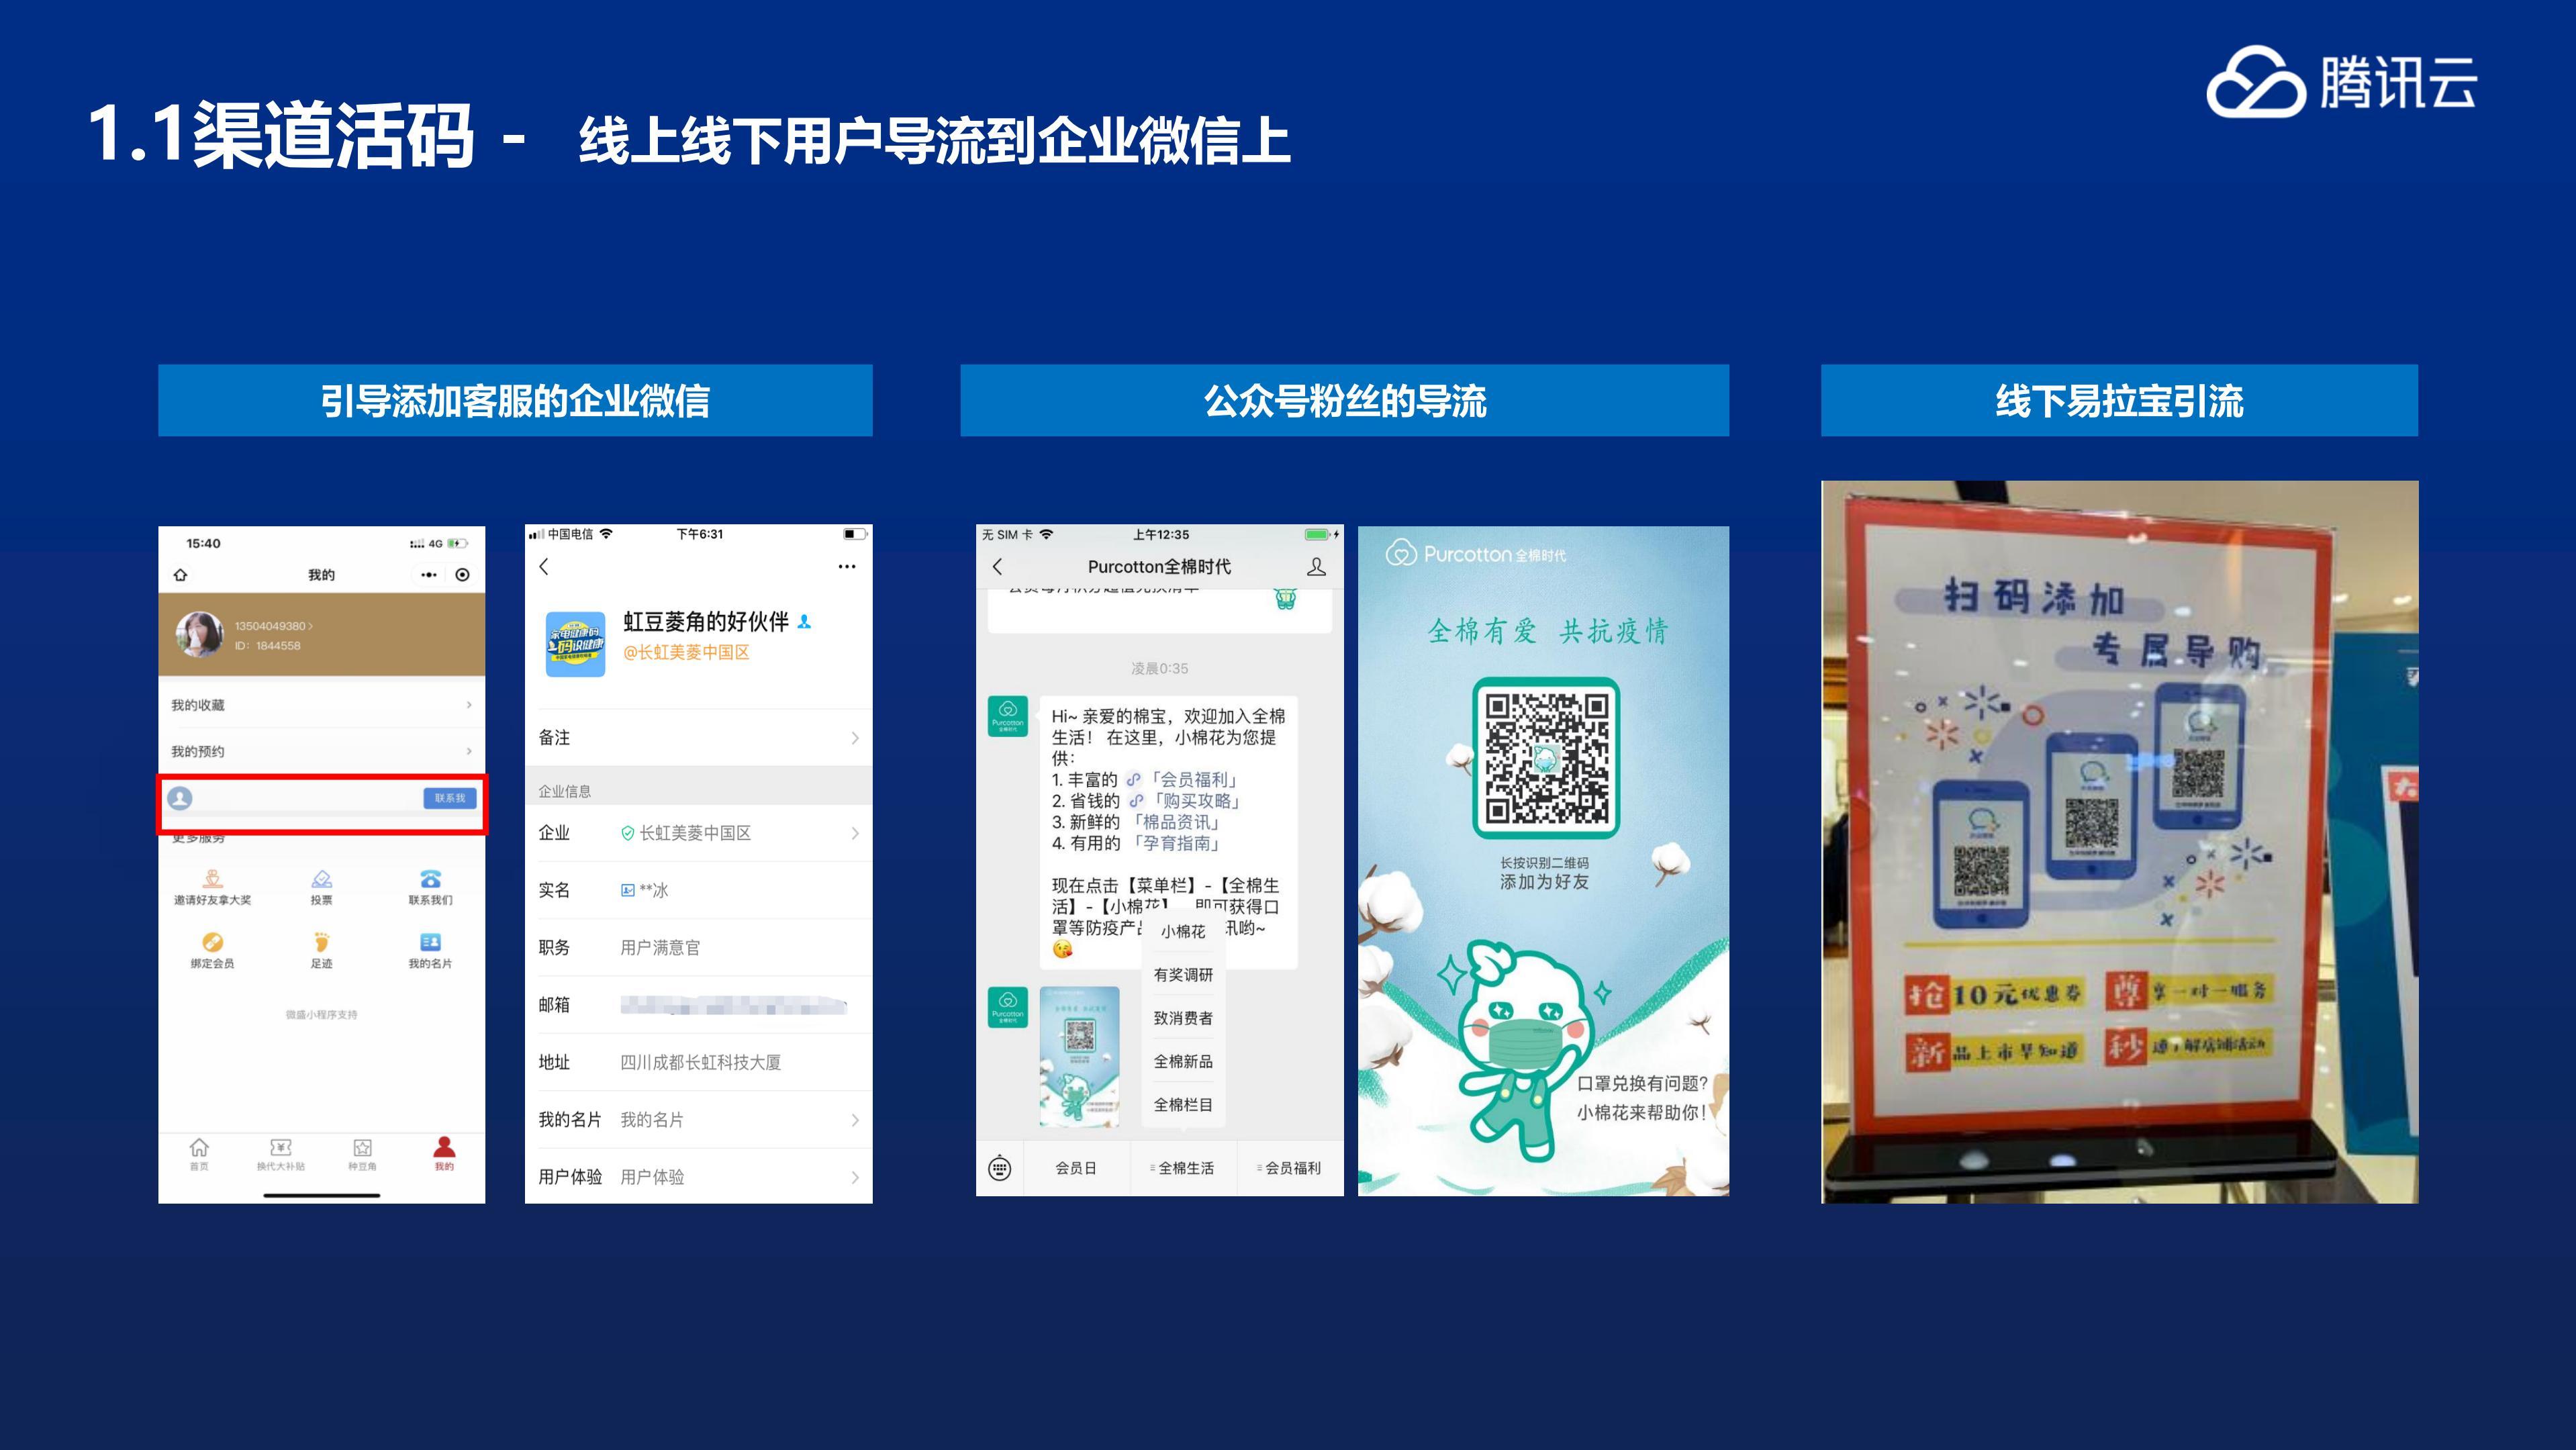 腾讯云企微管家产品介绍_07.jpg